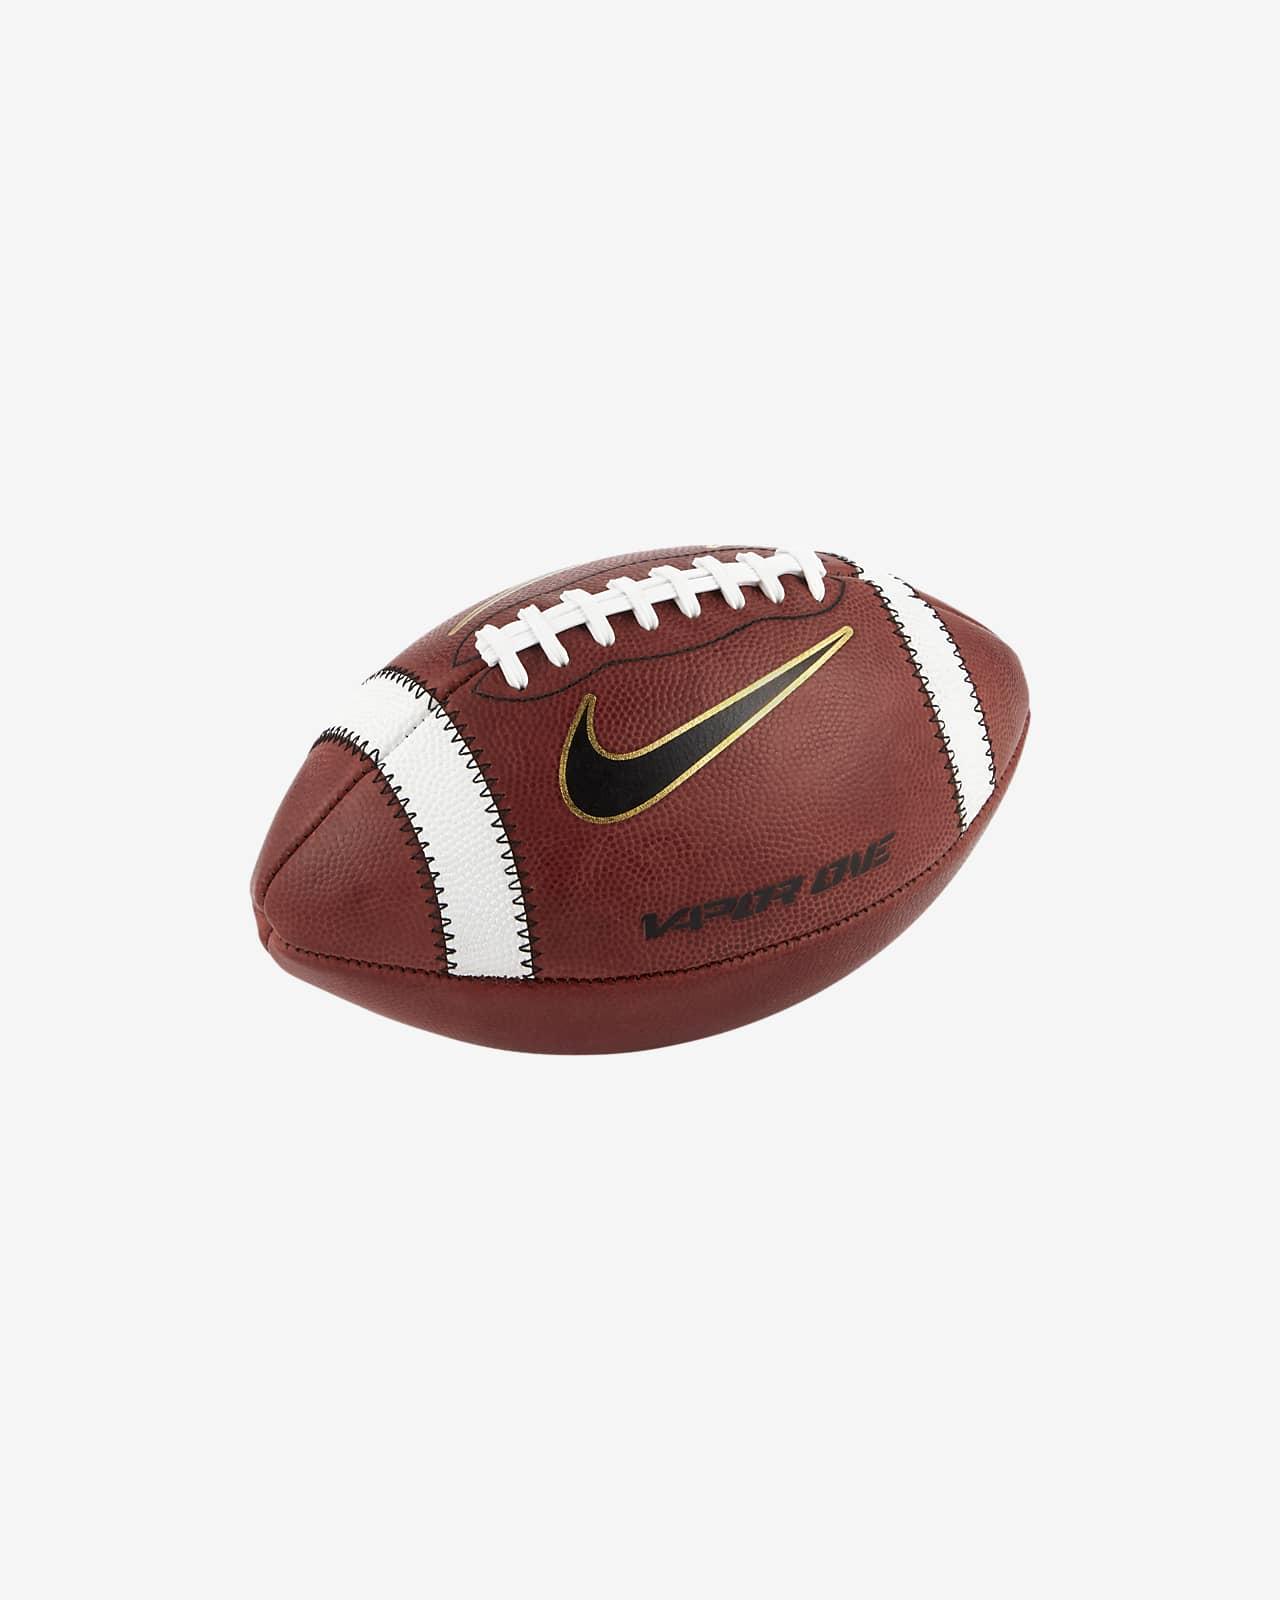 Balón de fútbol americano Nike Vapor 1 Official (desinflado)